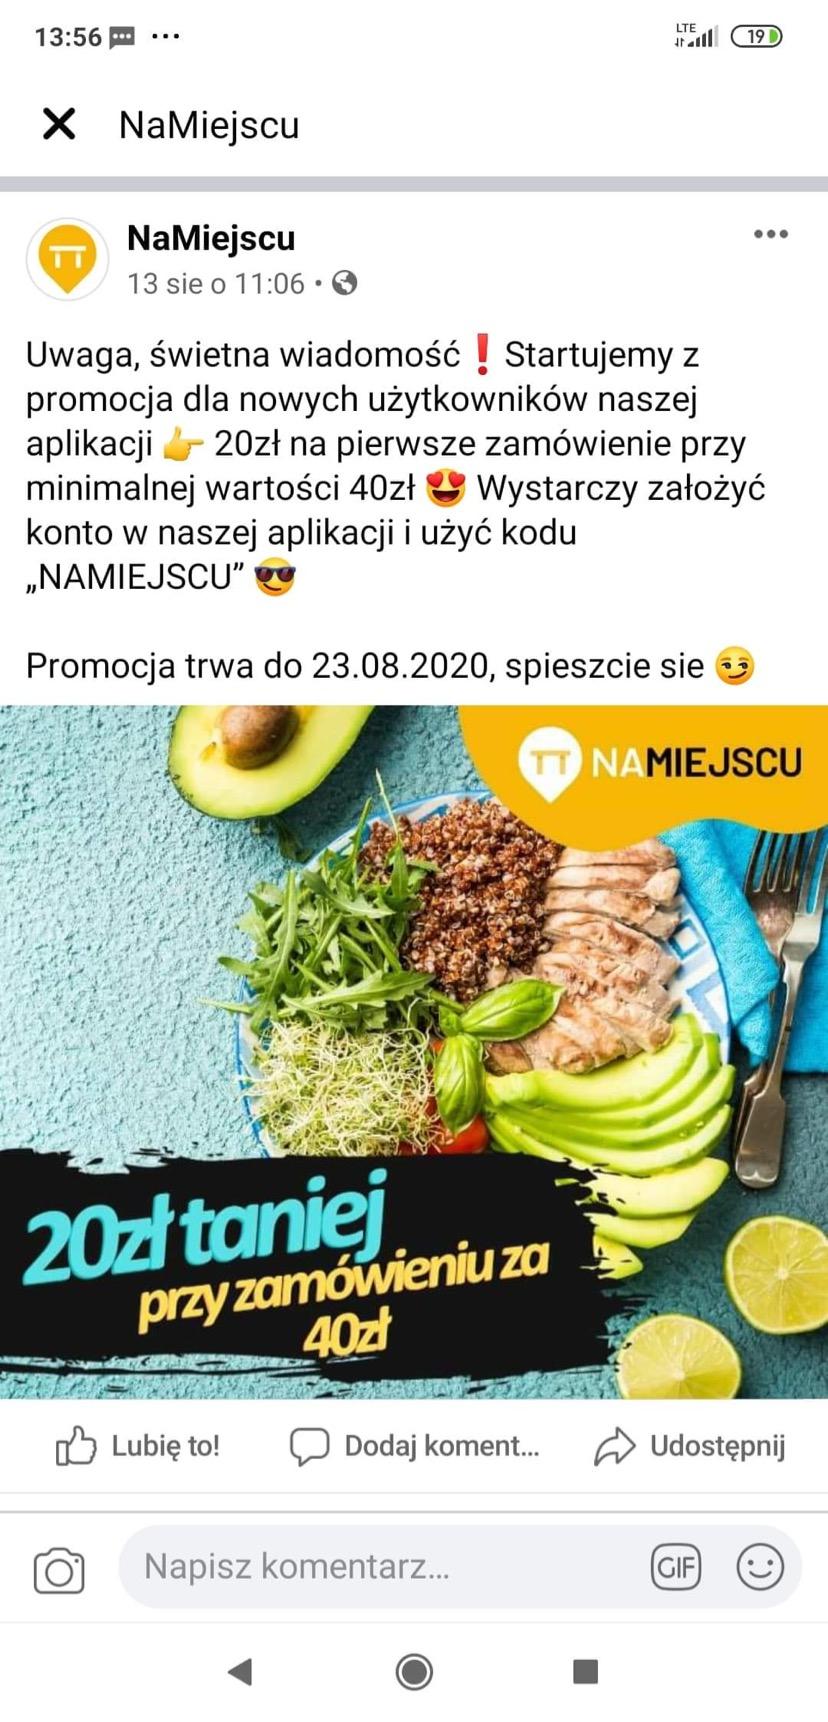 -20zl do wykorzystania na jedzenie w apce NaMiejscu przy MWZ40 (Krakow)